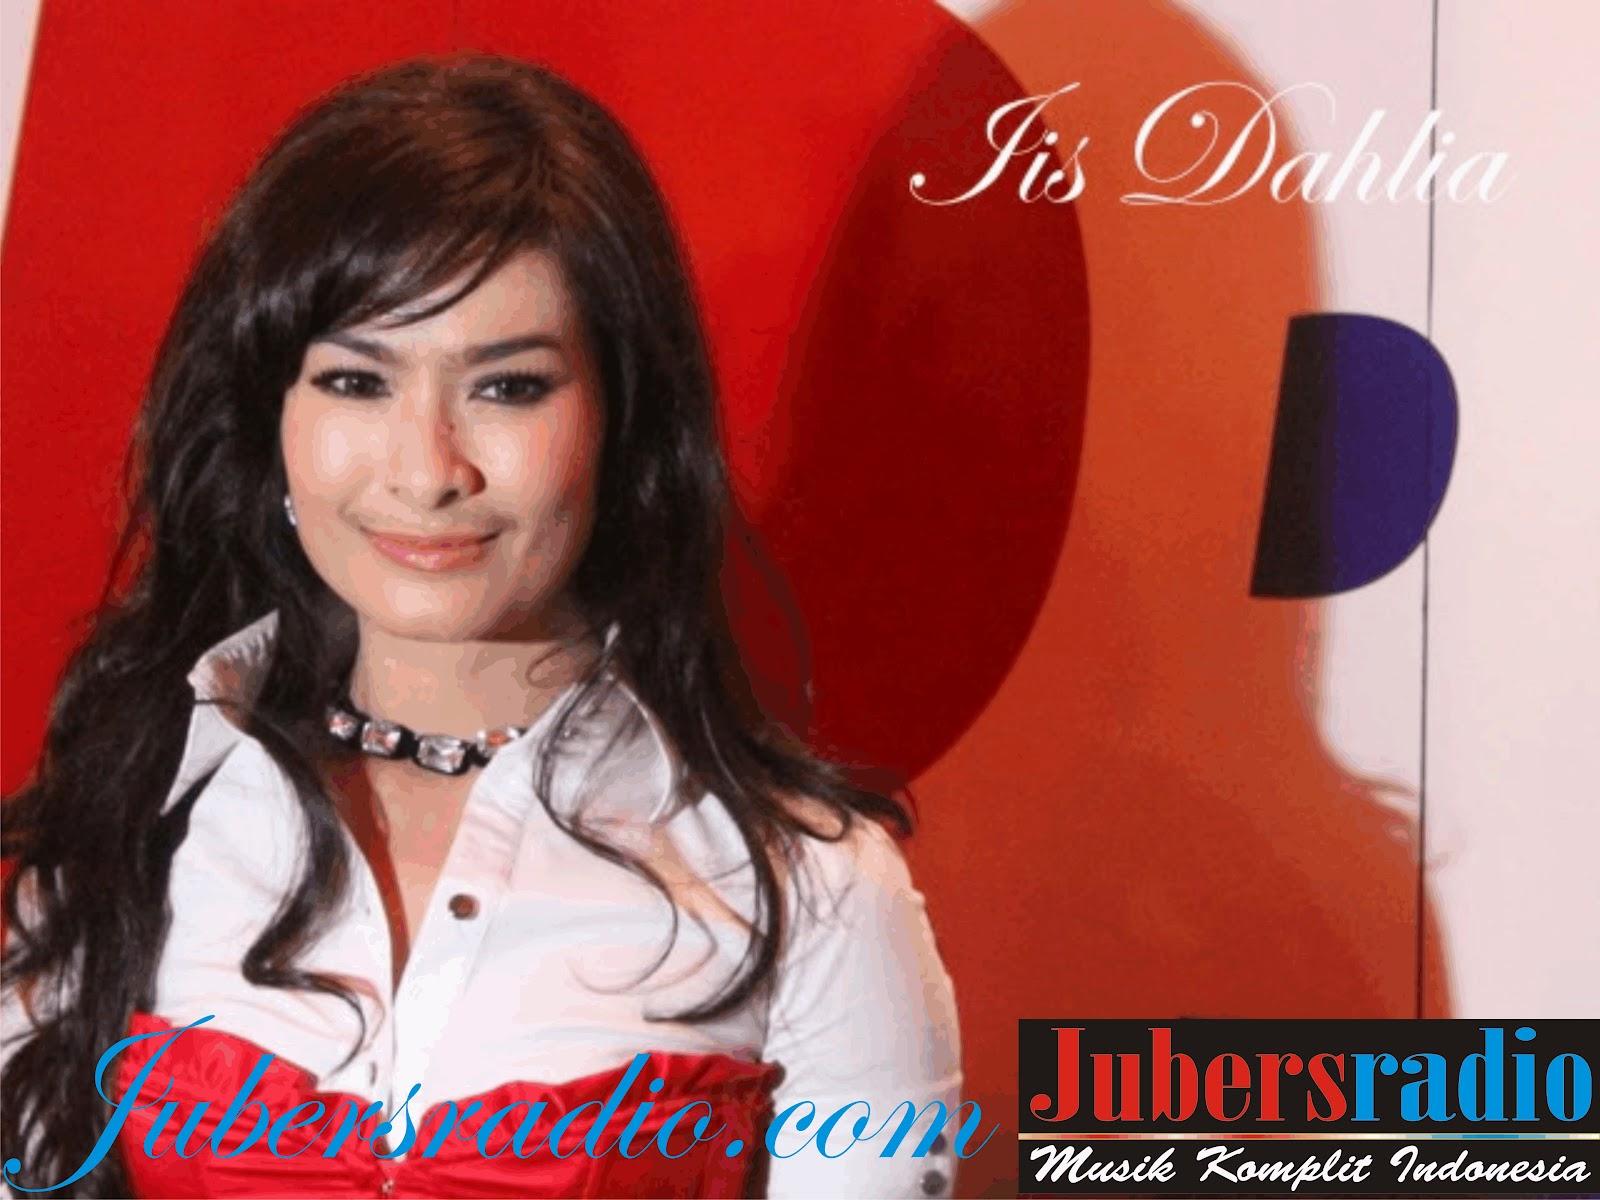 Foto Seksi IIS Dahlia Penyanyi Dangdut Fulgar